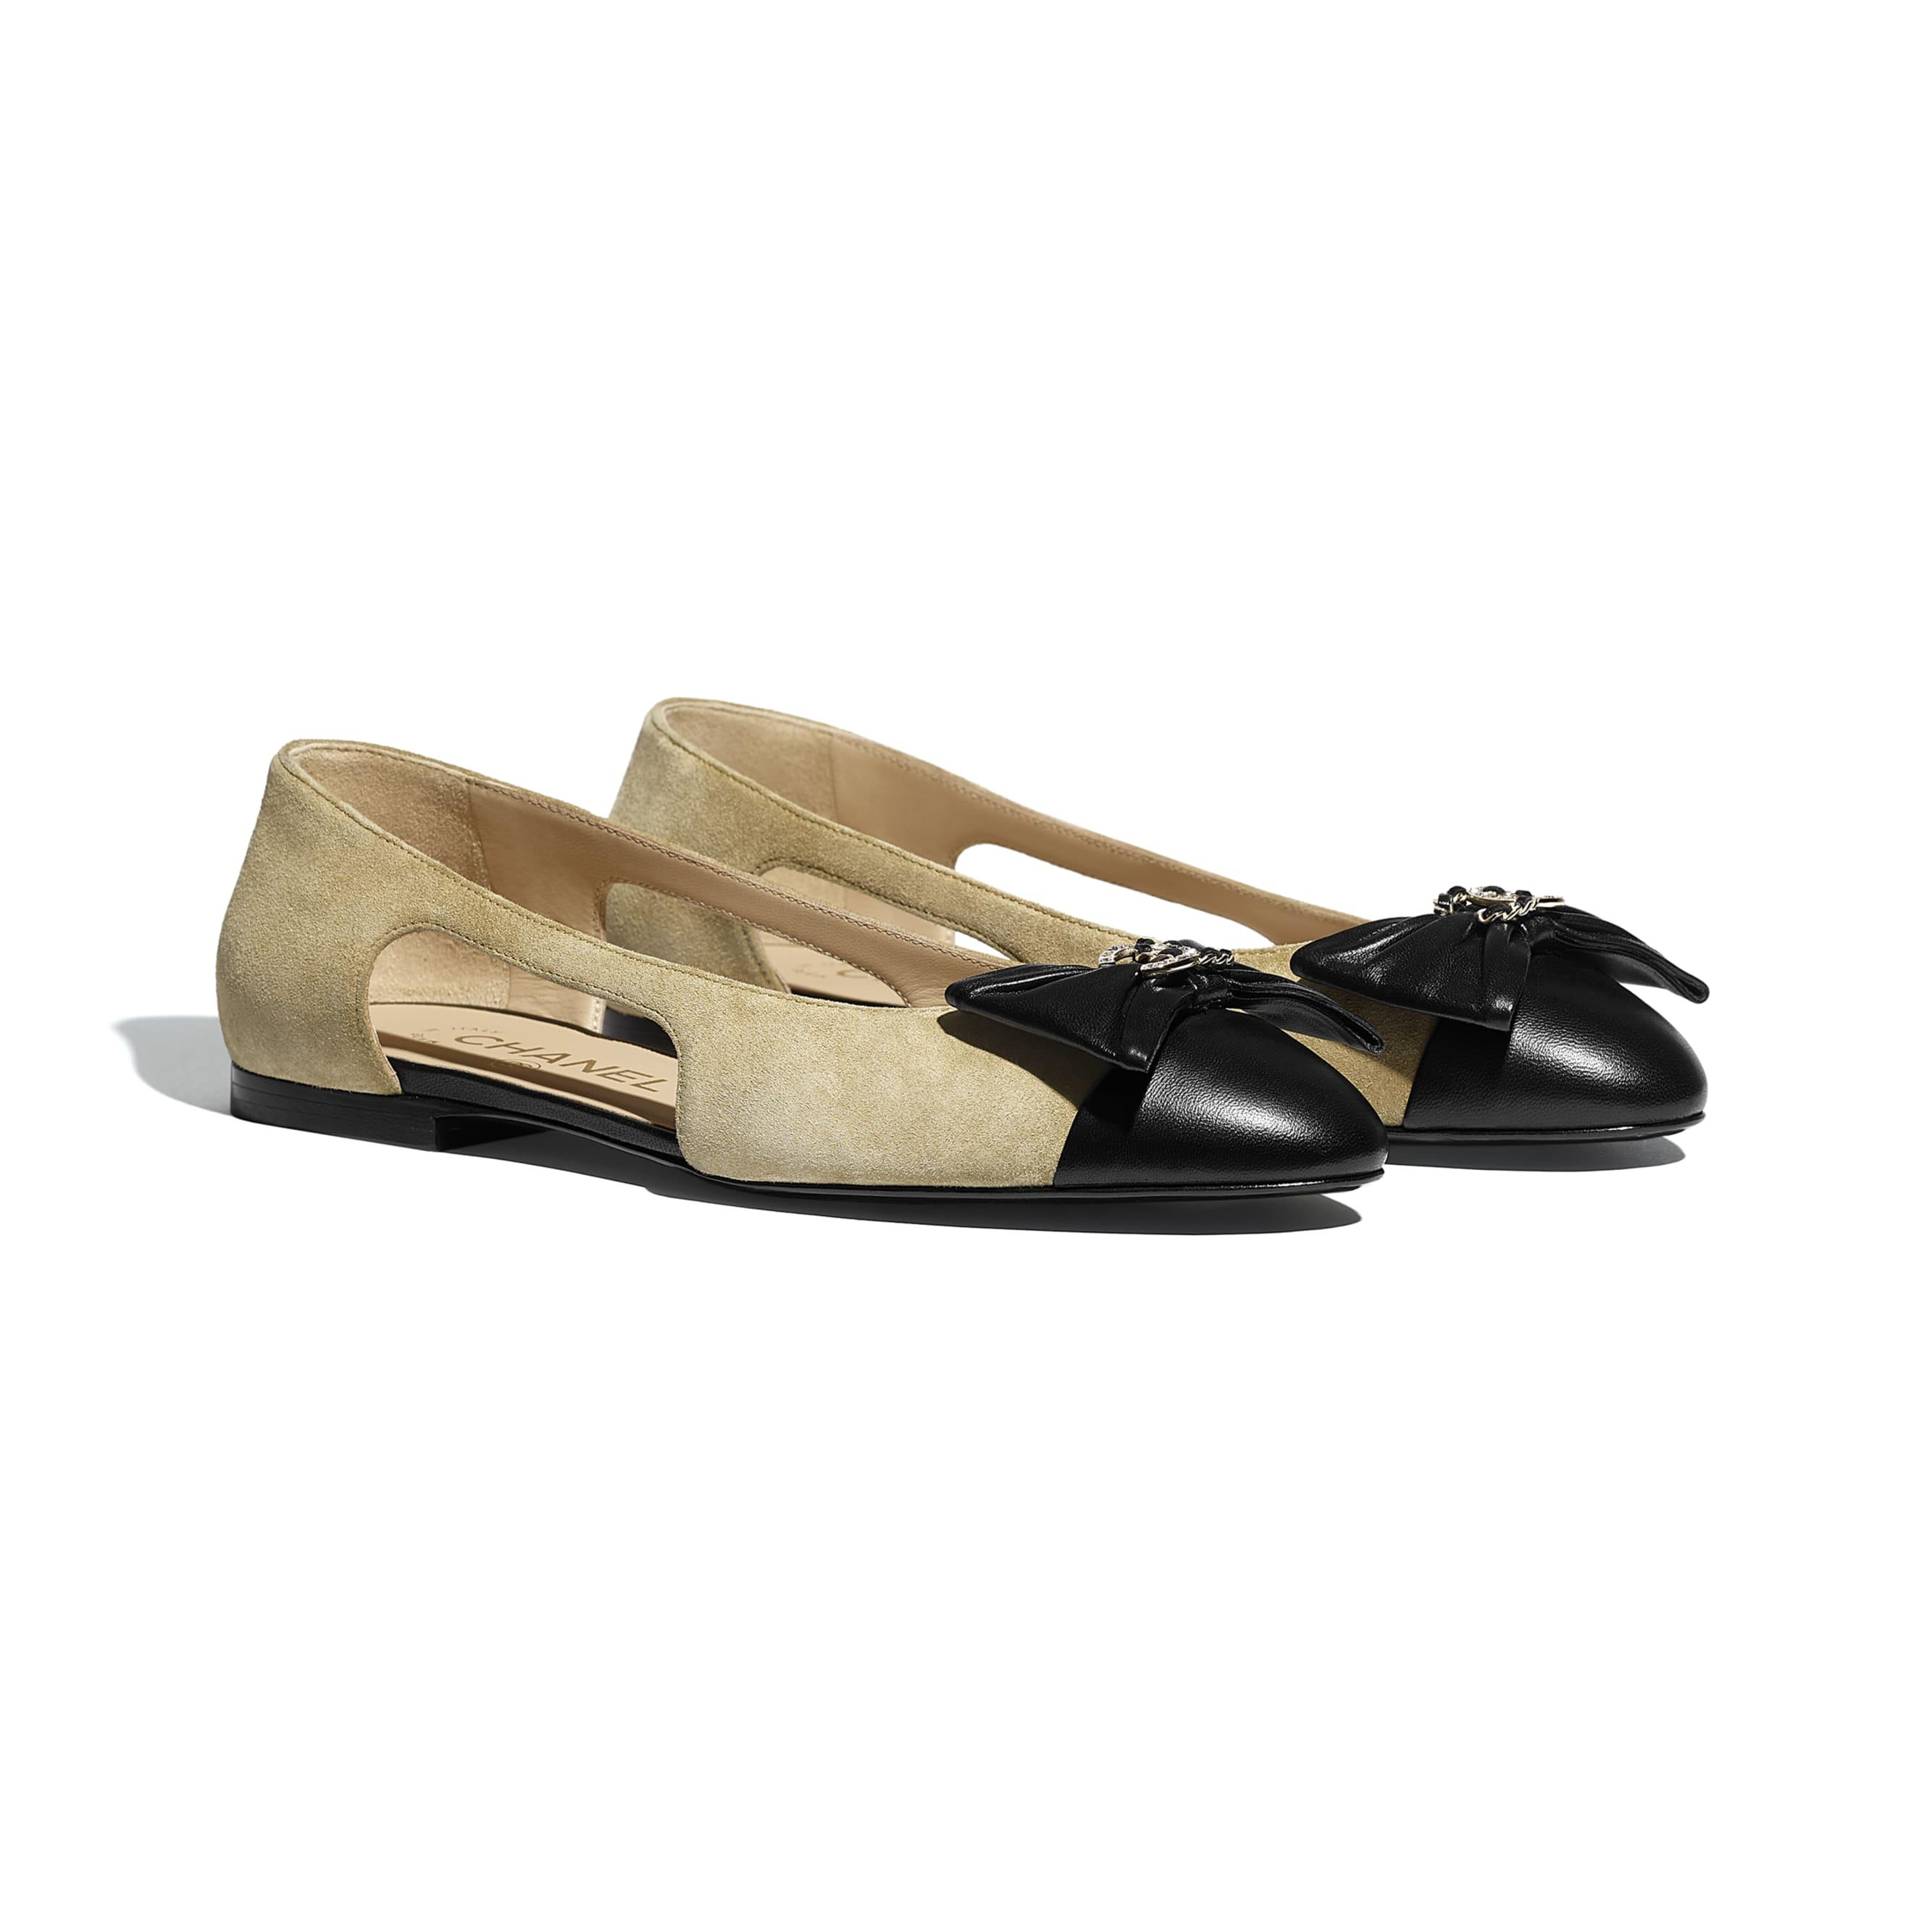 Bailarinas - Beige y negro - Piel de ternera suave y piel de cordero - CHANEL - Vista alternativa - ver la versión tamaño estándar